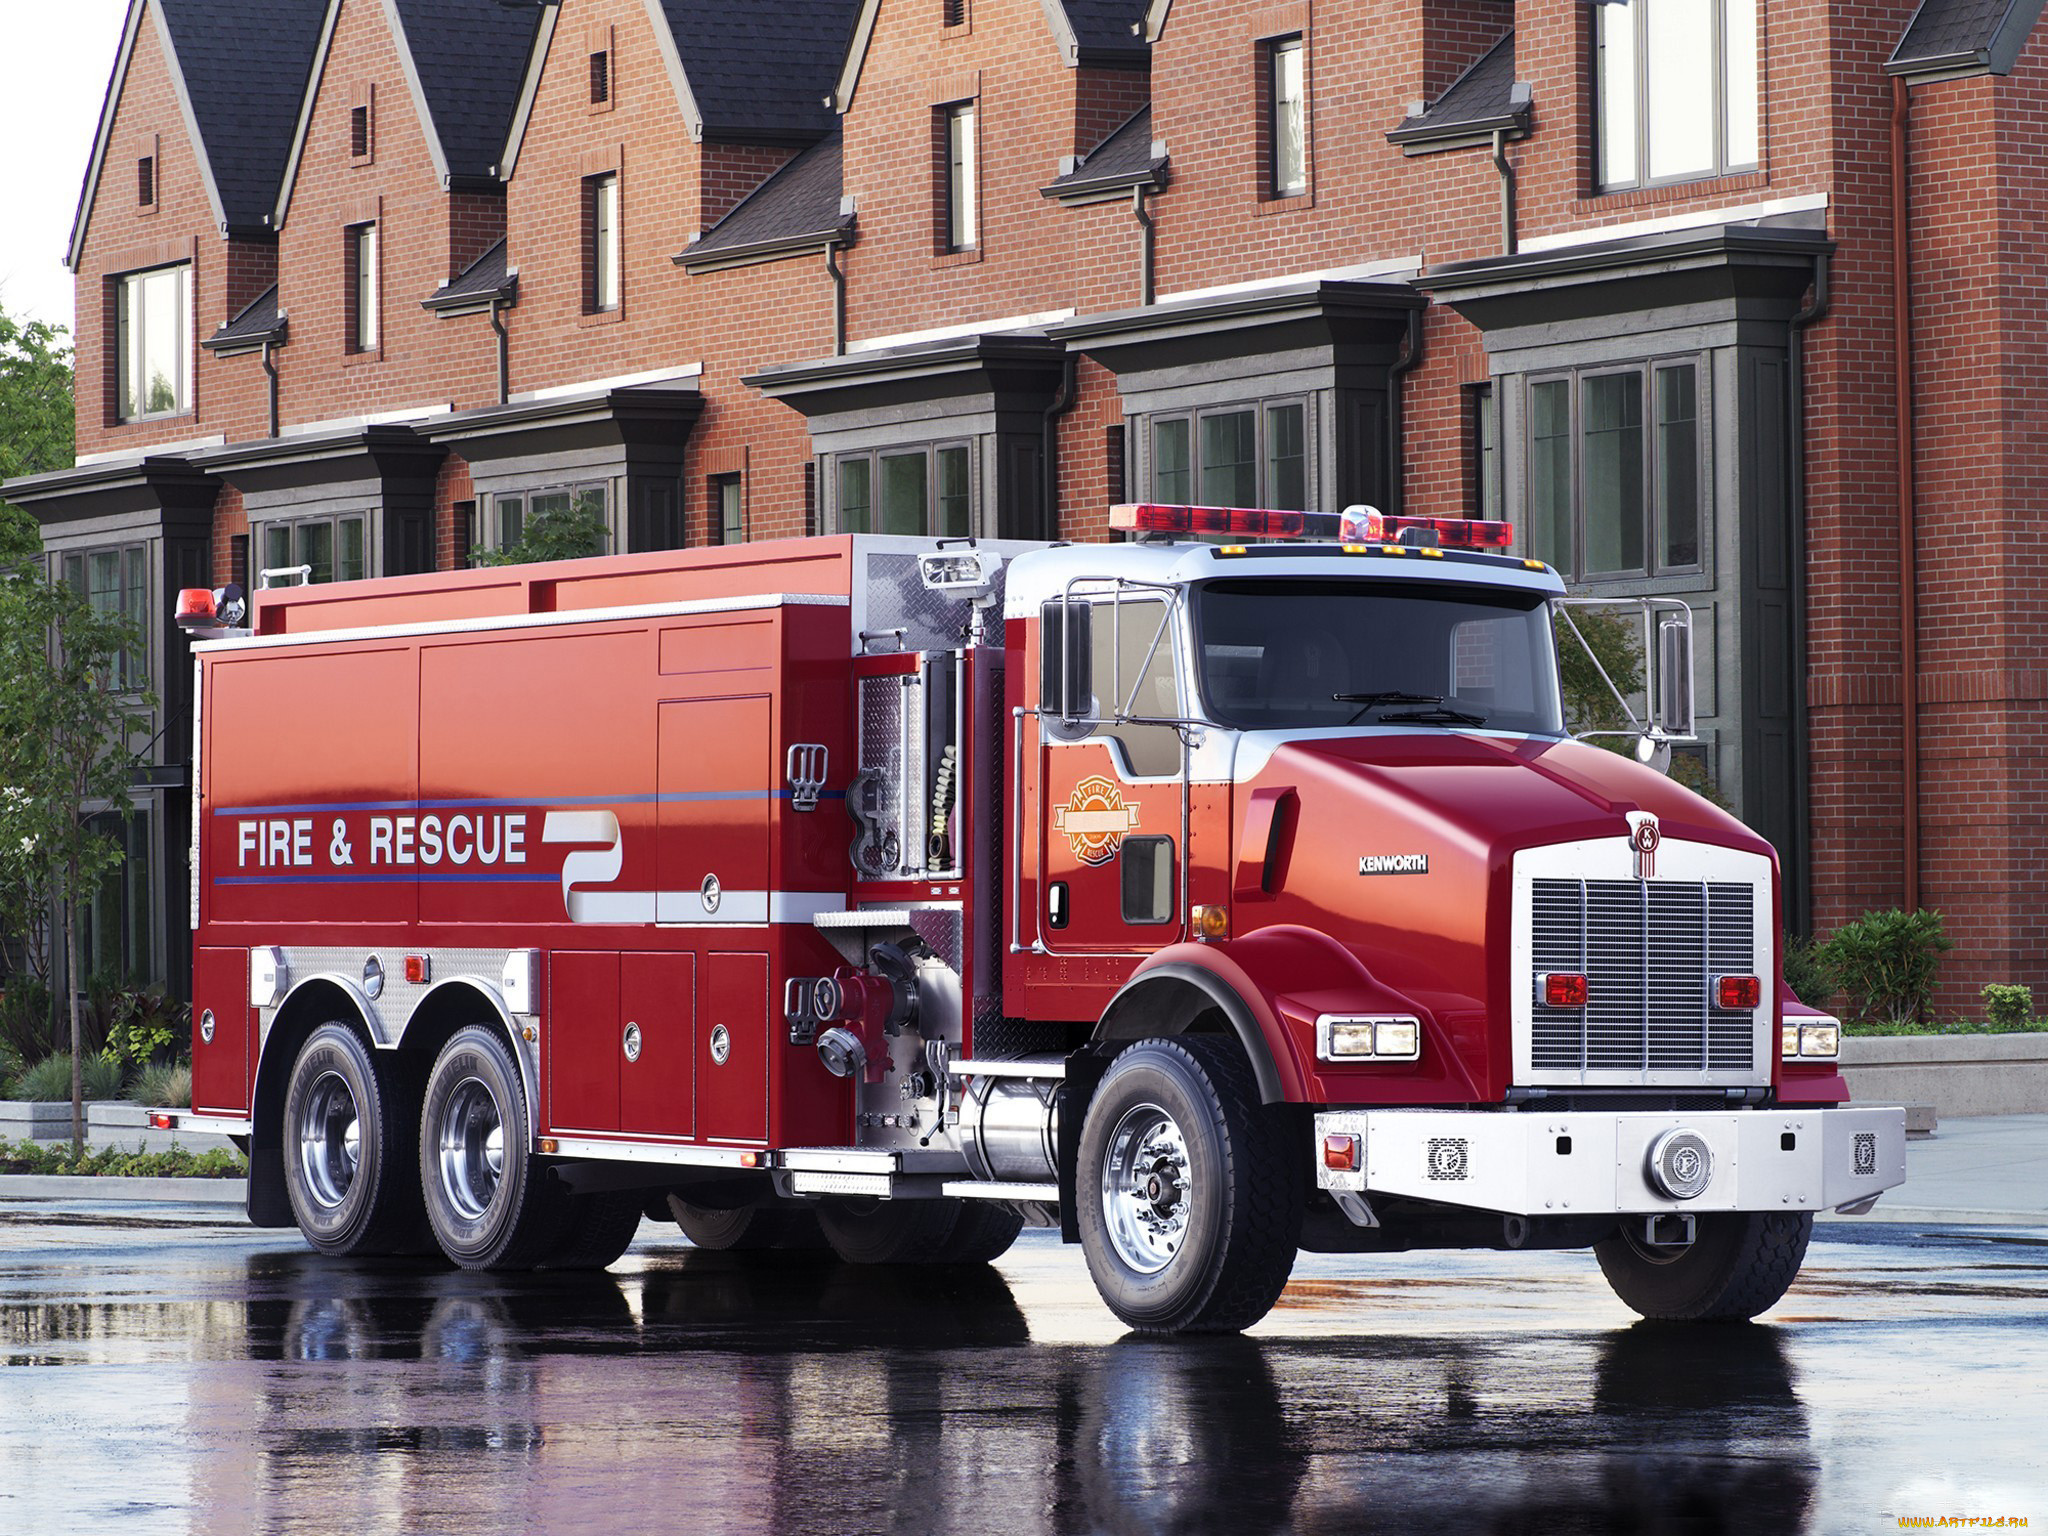 фото пожарной техники высокого разрешения наутиз